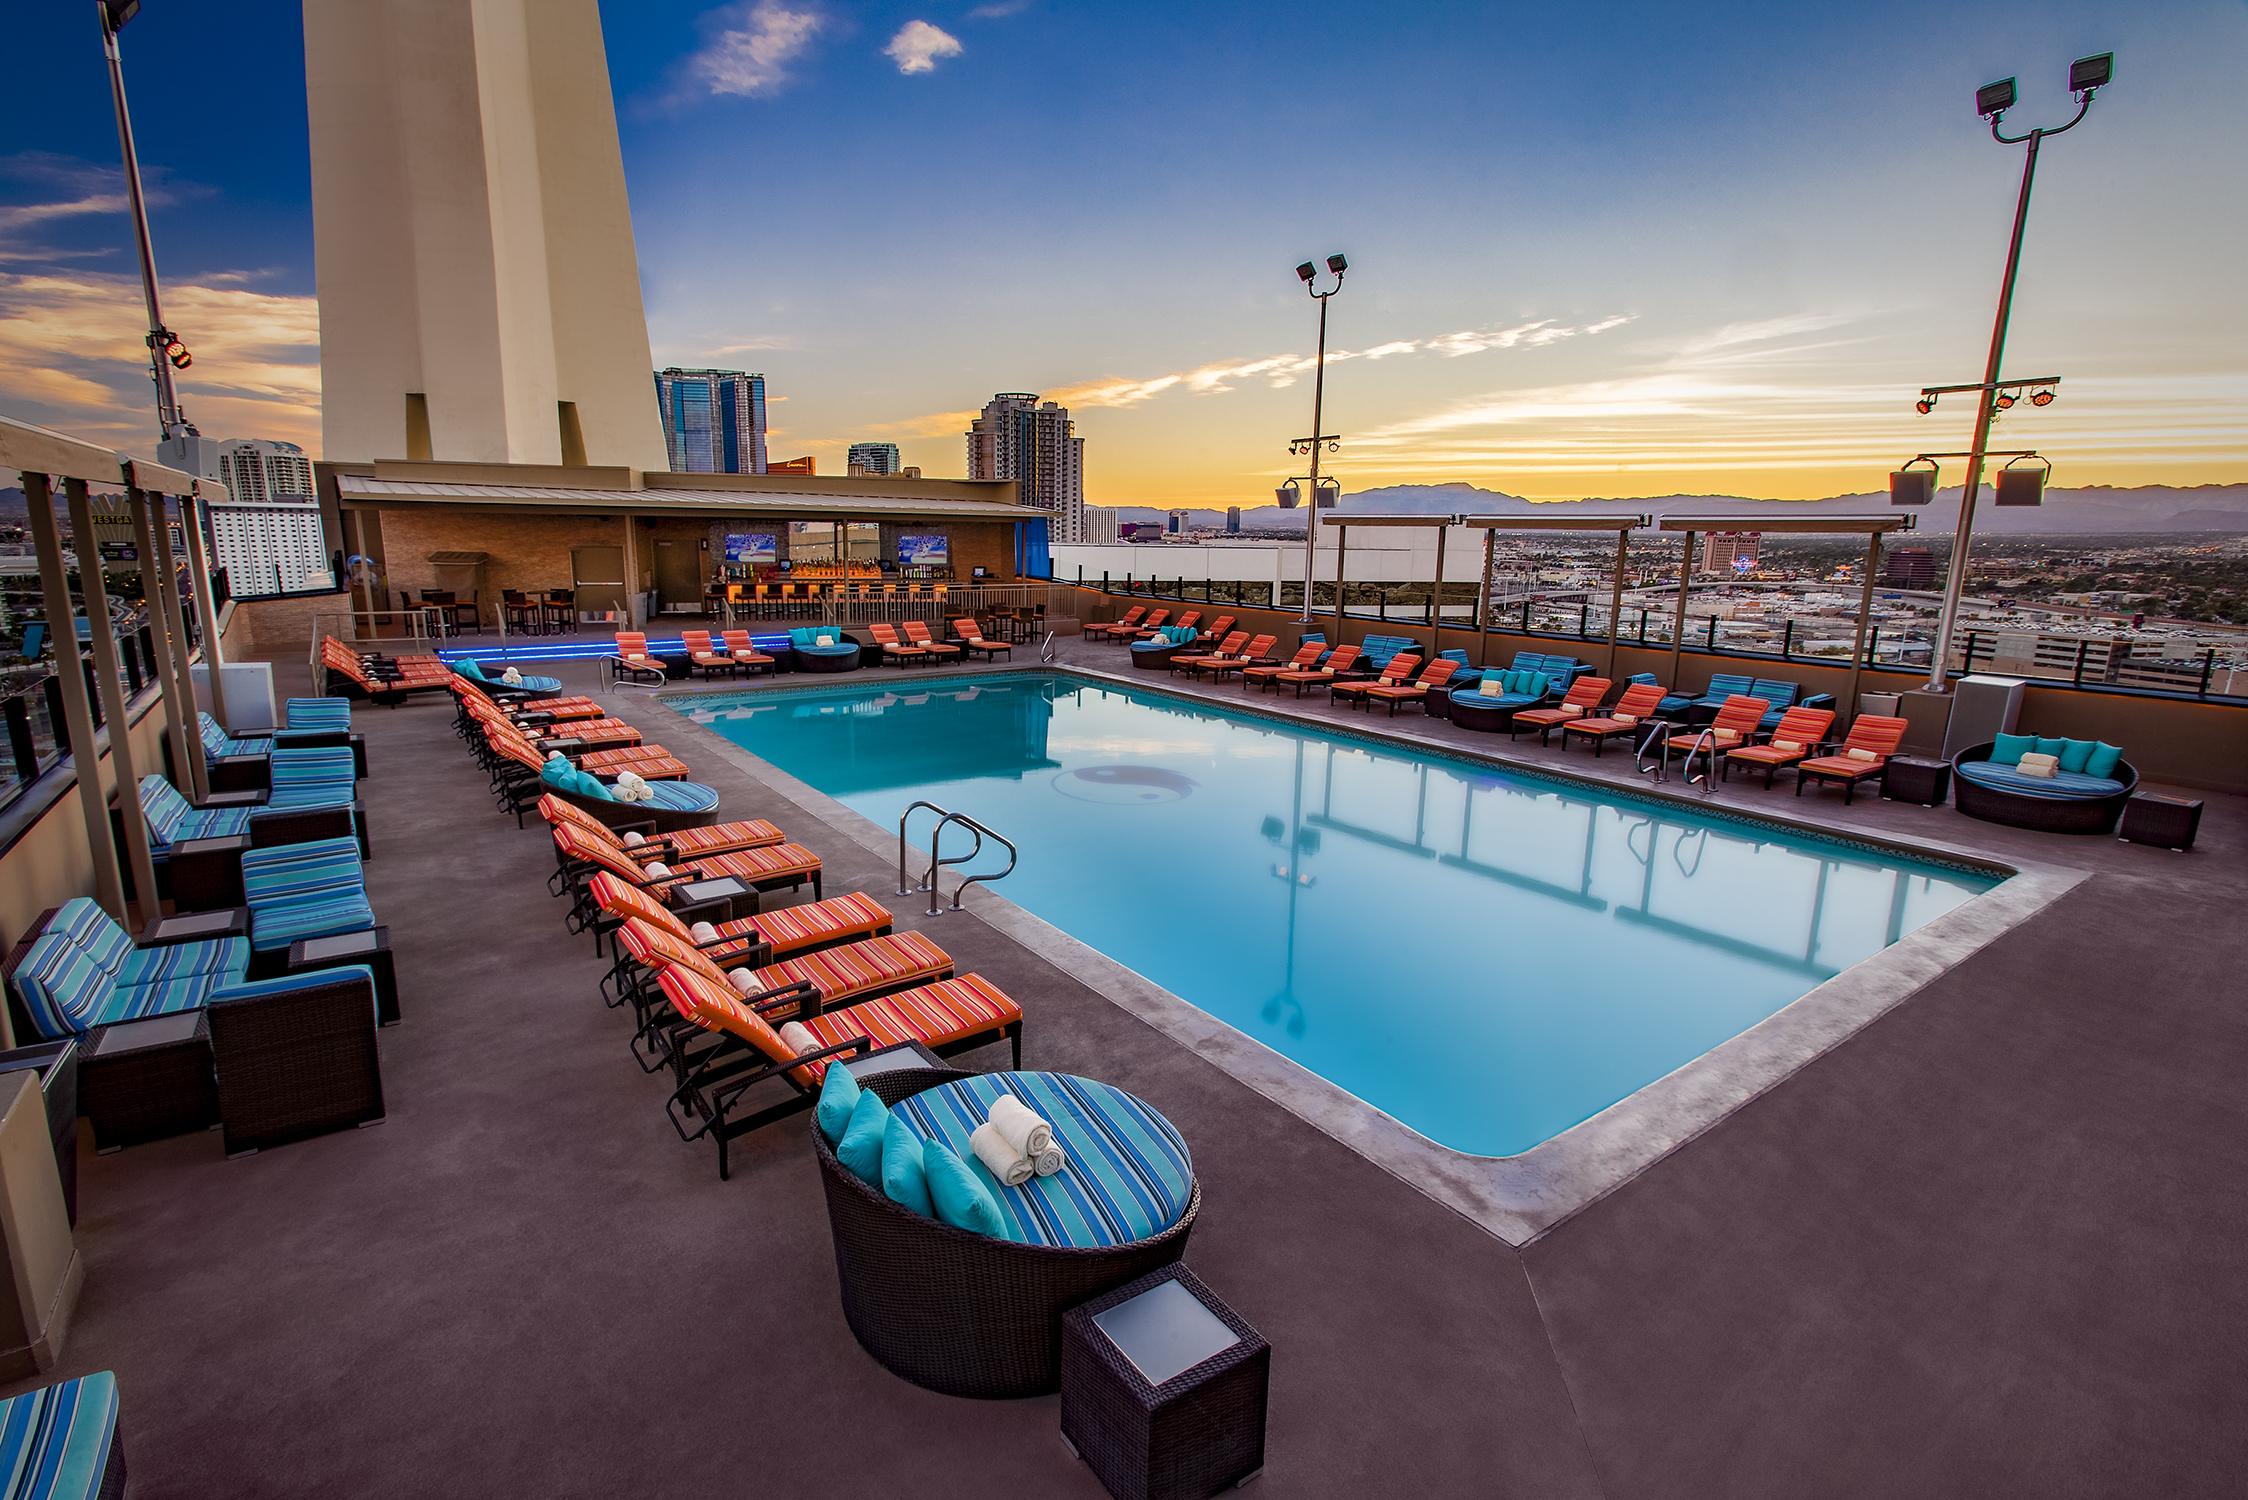 A pool at dusk